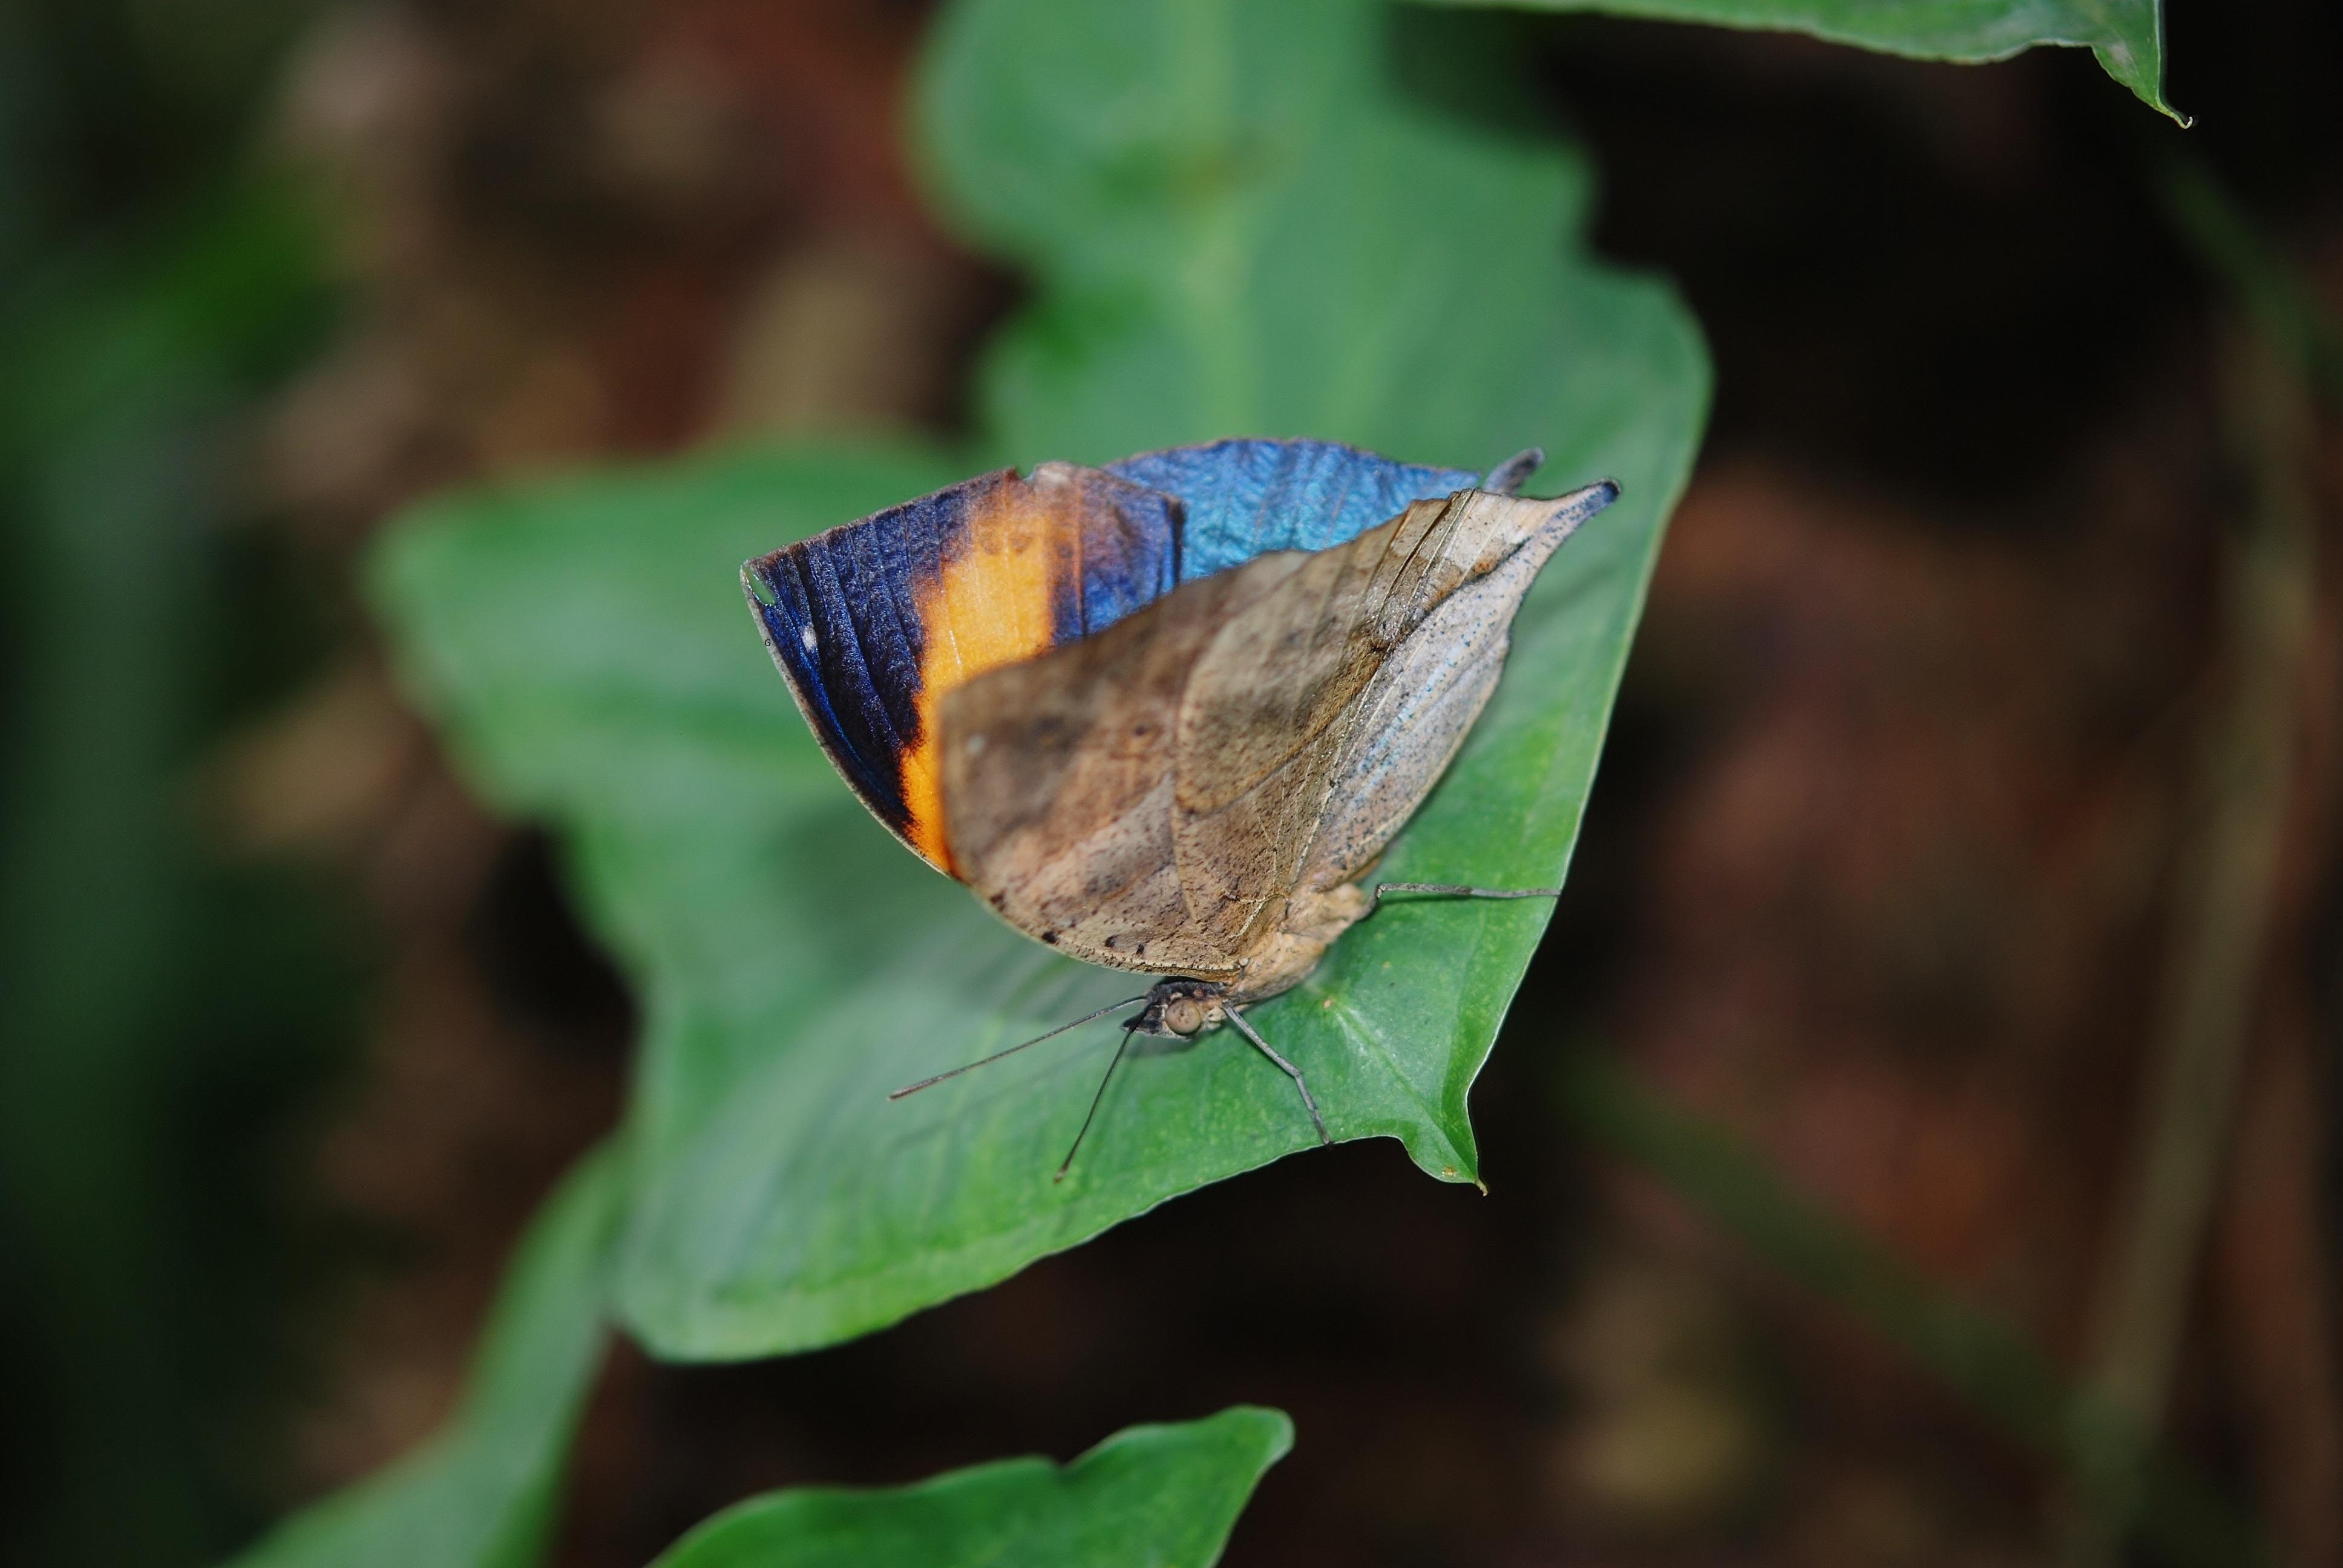 Images gratuites la nature de plein air aile la photographie feuille fleur faune - Duree de vie papillon de nuit ...